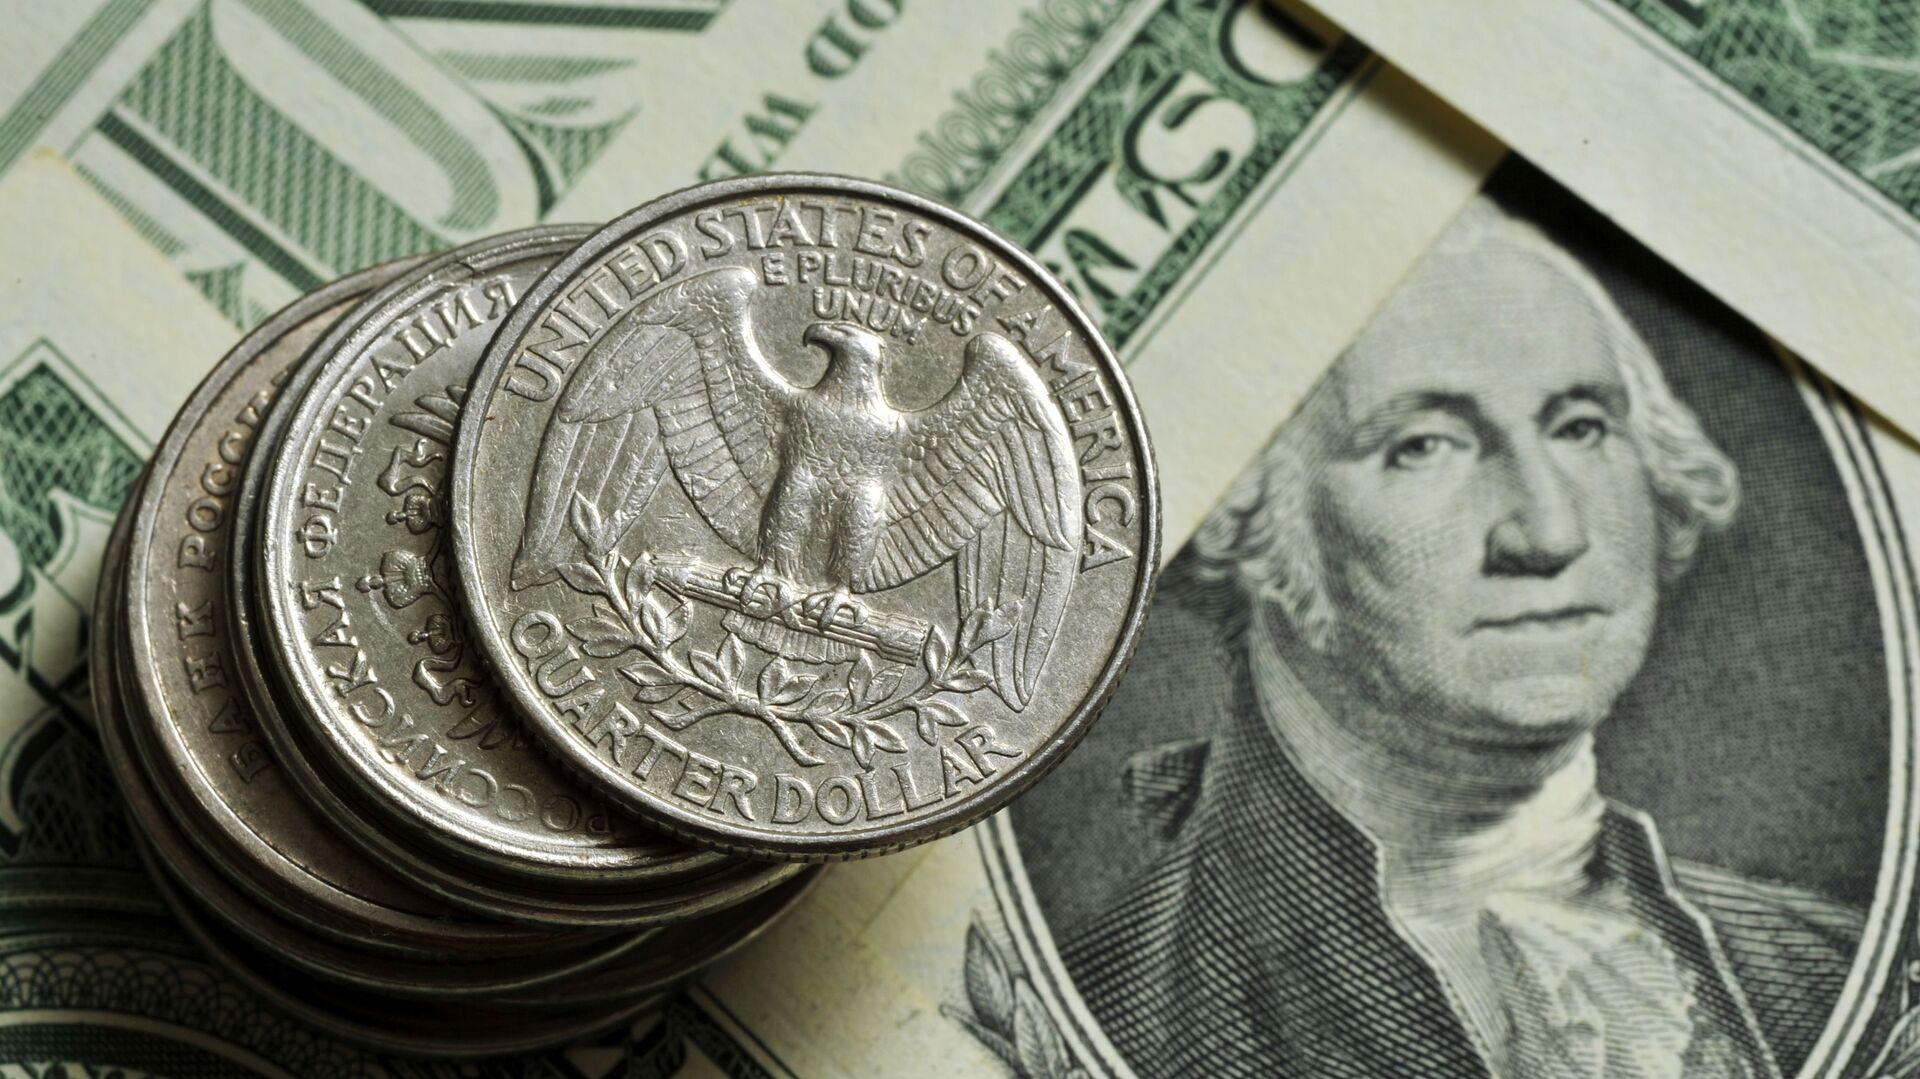 Монеты различного номинала Монетного двора США на фоне банкноты номиналом 1 доллар США - Sputnik Армения, 1920, 13.10.2021